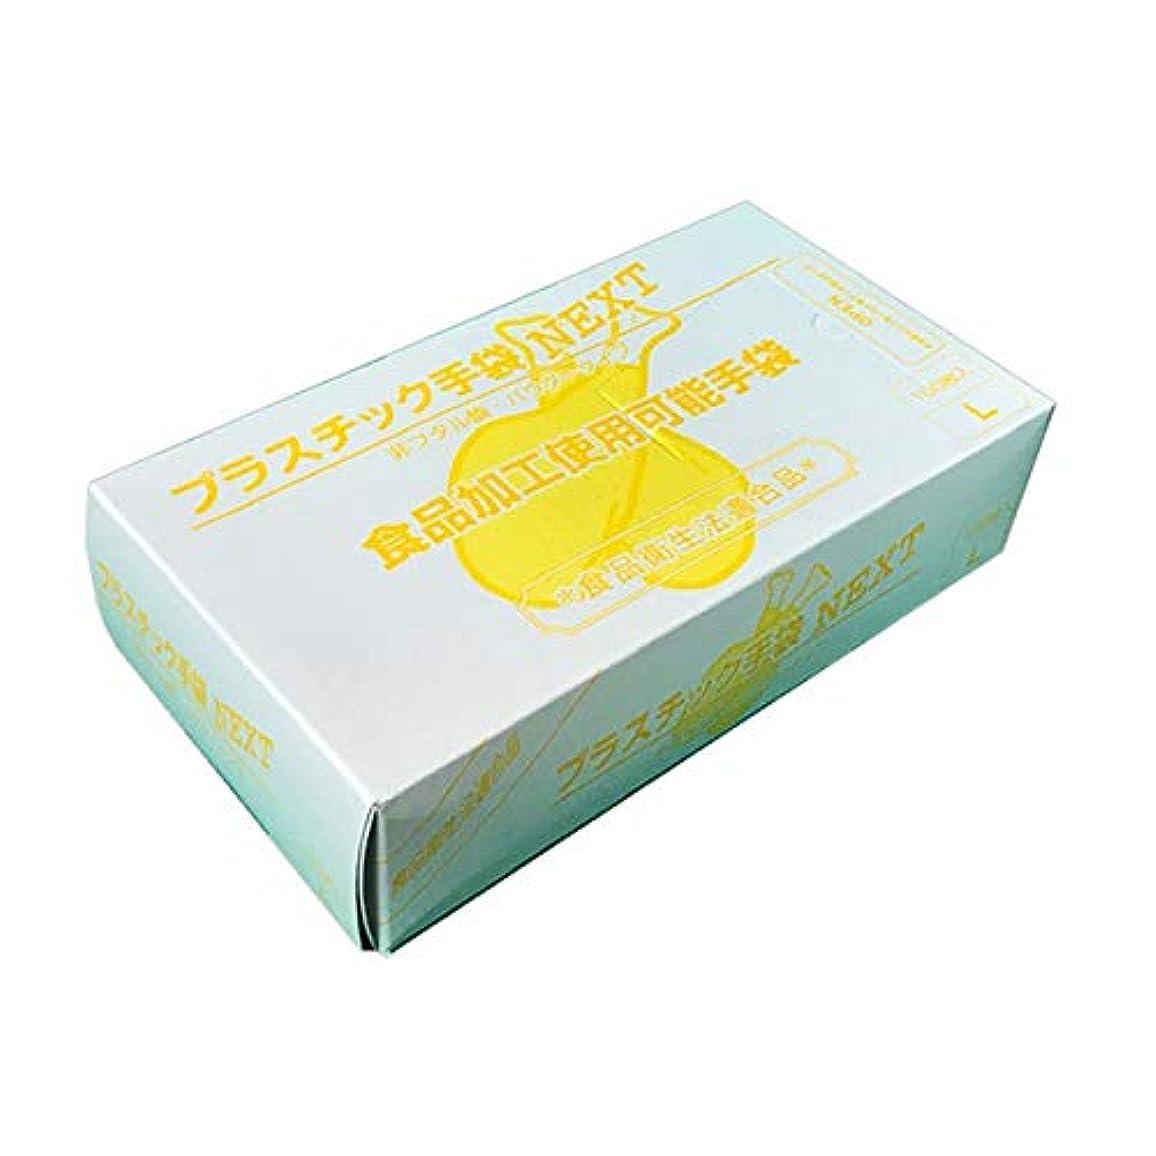 資本主義設置箱使い捨て手袋エブノ PVCディスポ手袋 NEXT 粉付 白 100枚X20箱 (Lサイズ)